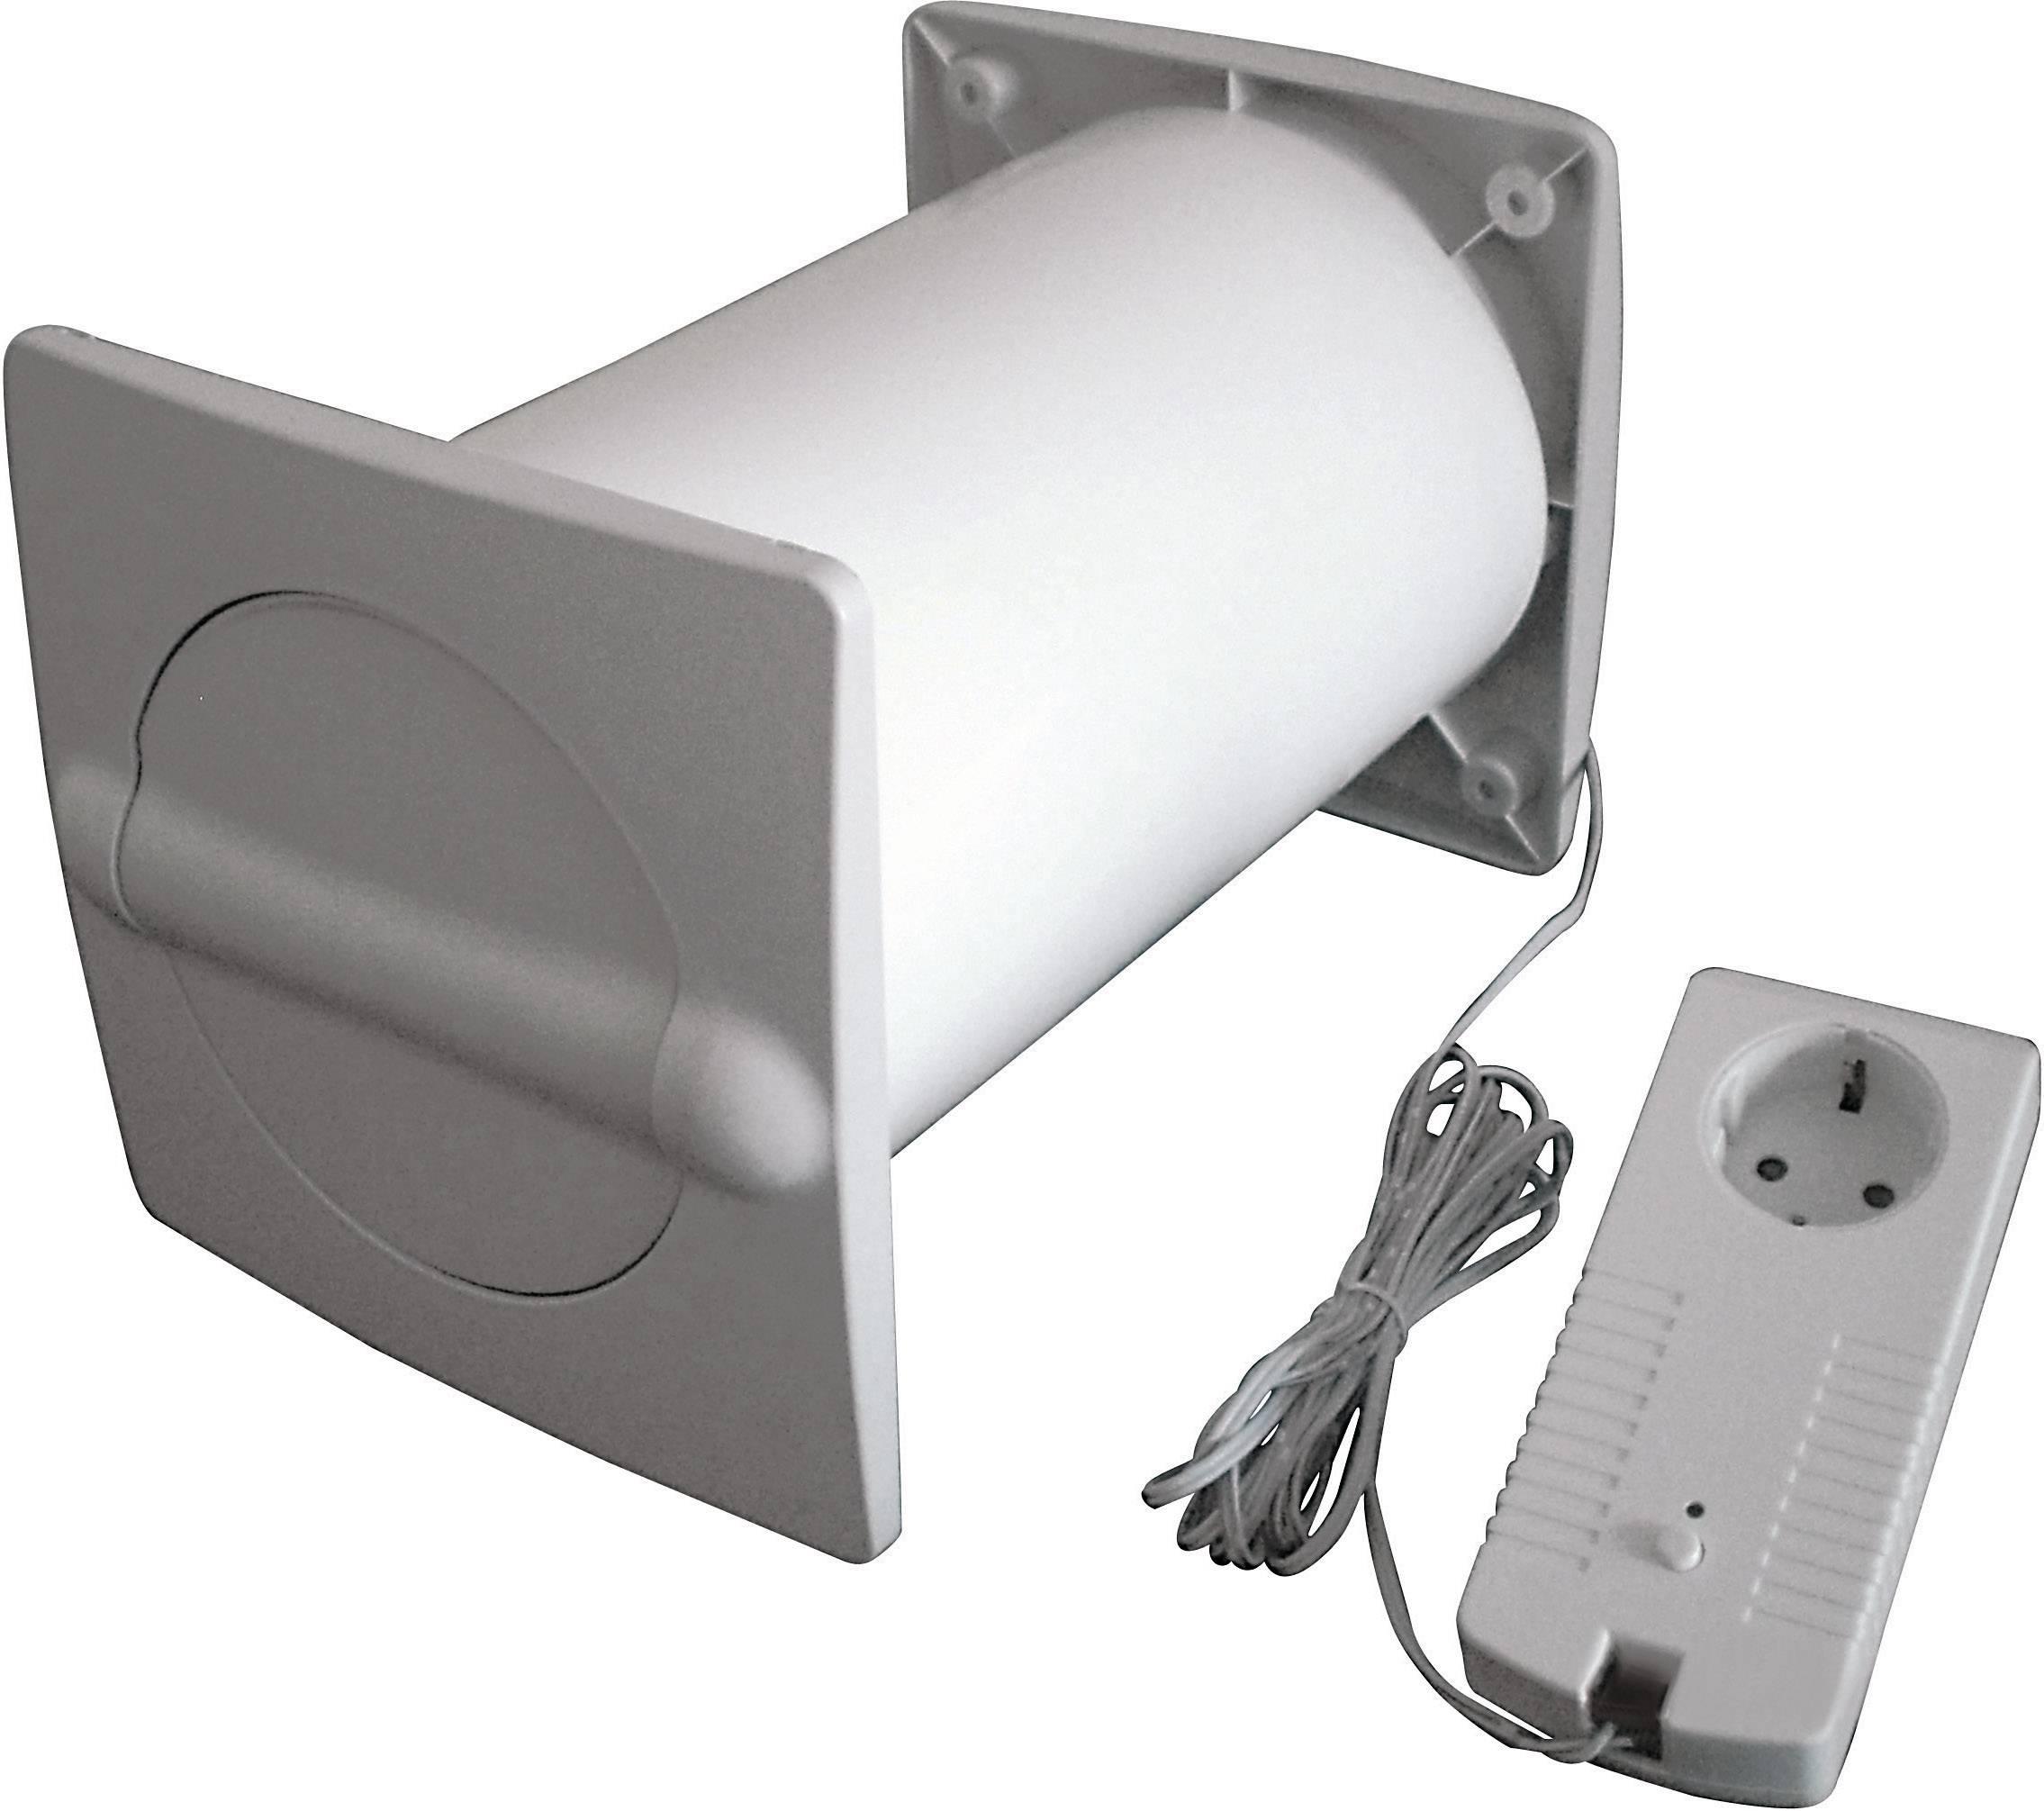 Energeticky úsporný nástenný ventilátor Wallair N37216, vhodný pre trubice s Ø 125 mm, umelá hmota